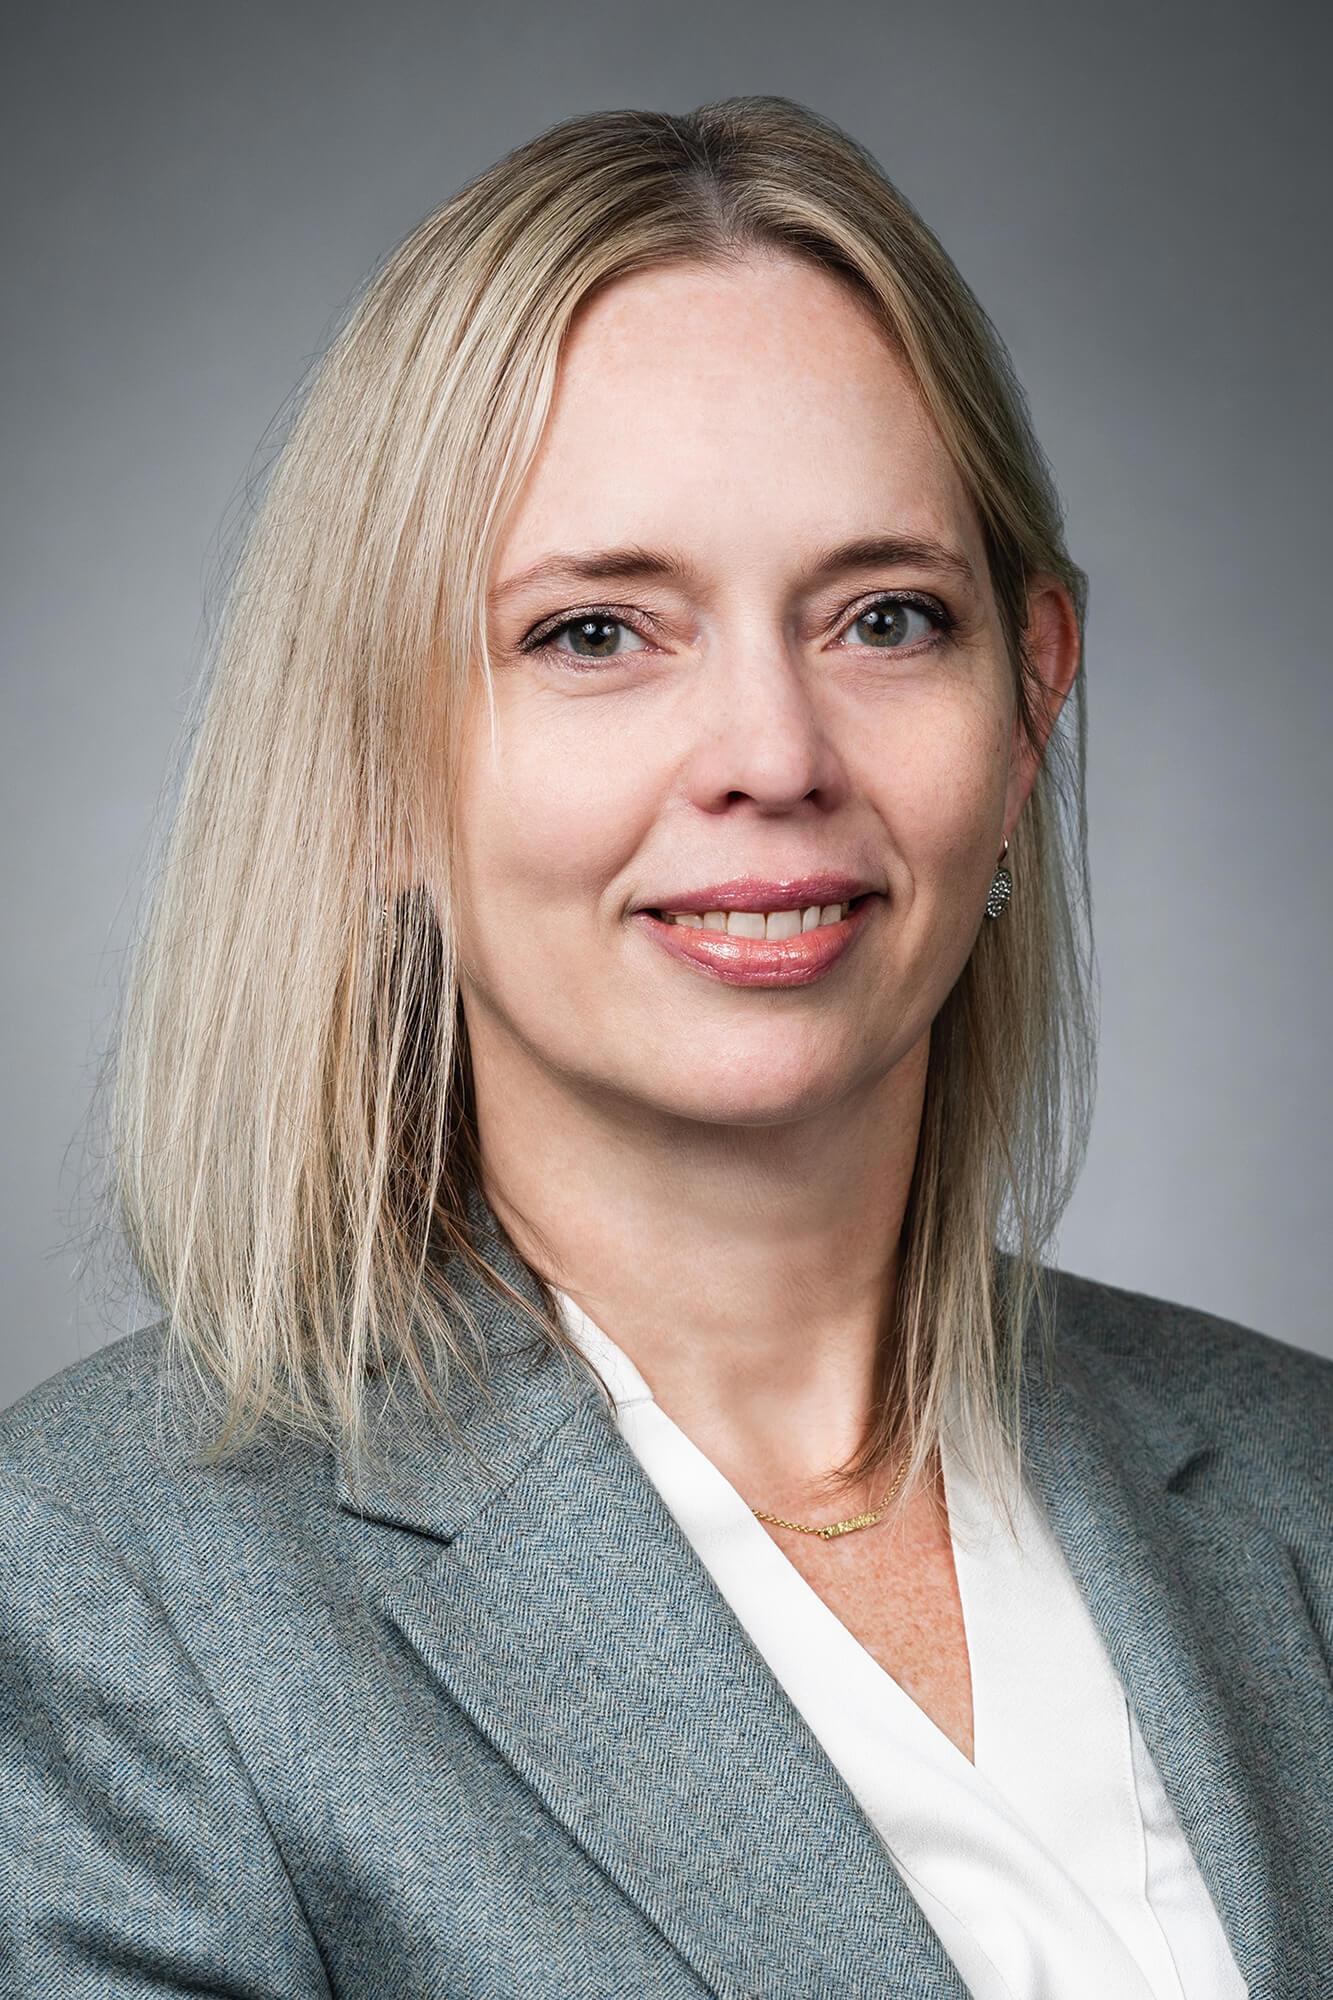 Audrey Cipriano